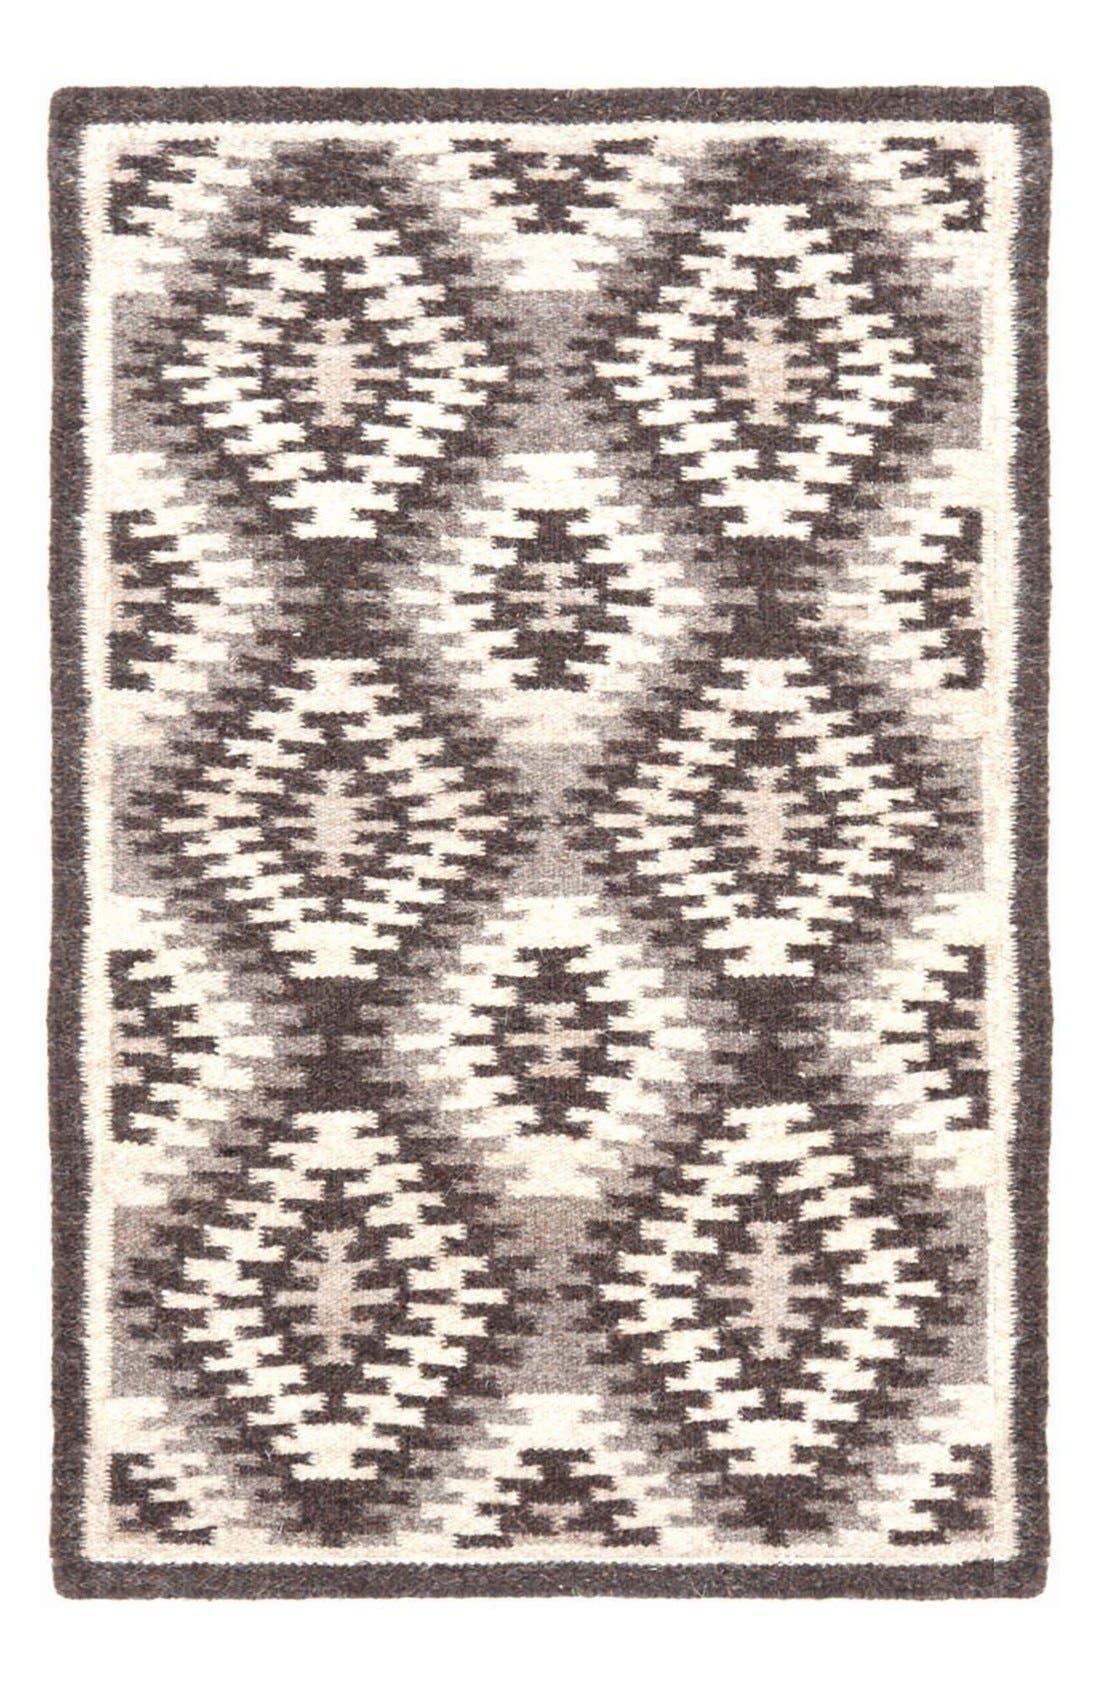 Alternate Image 1 Selected - Dash & Albert 'Nordic Kilim' Wool Blend Rug